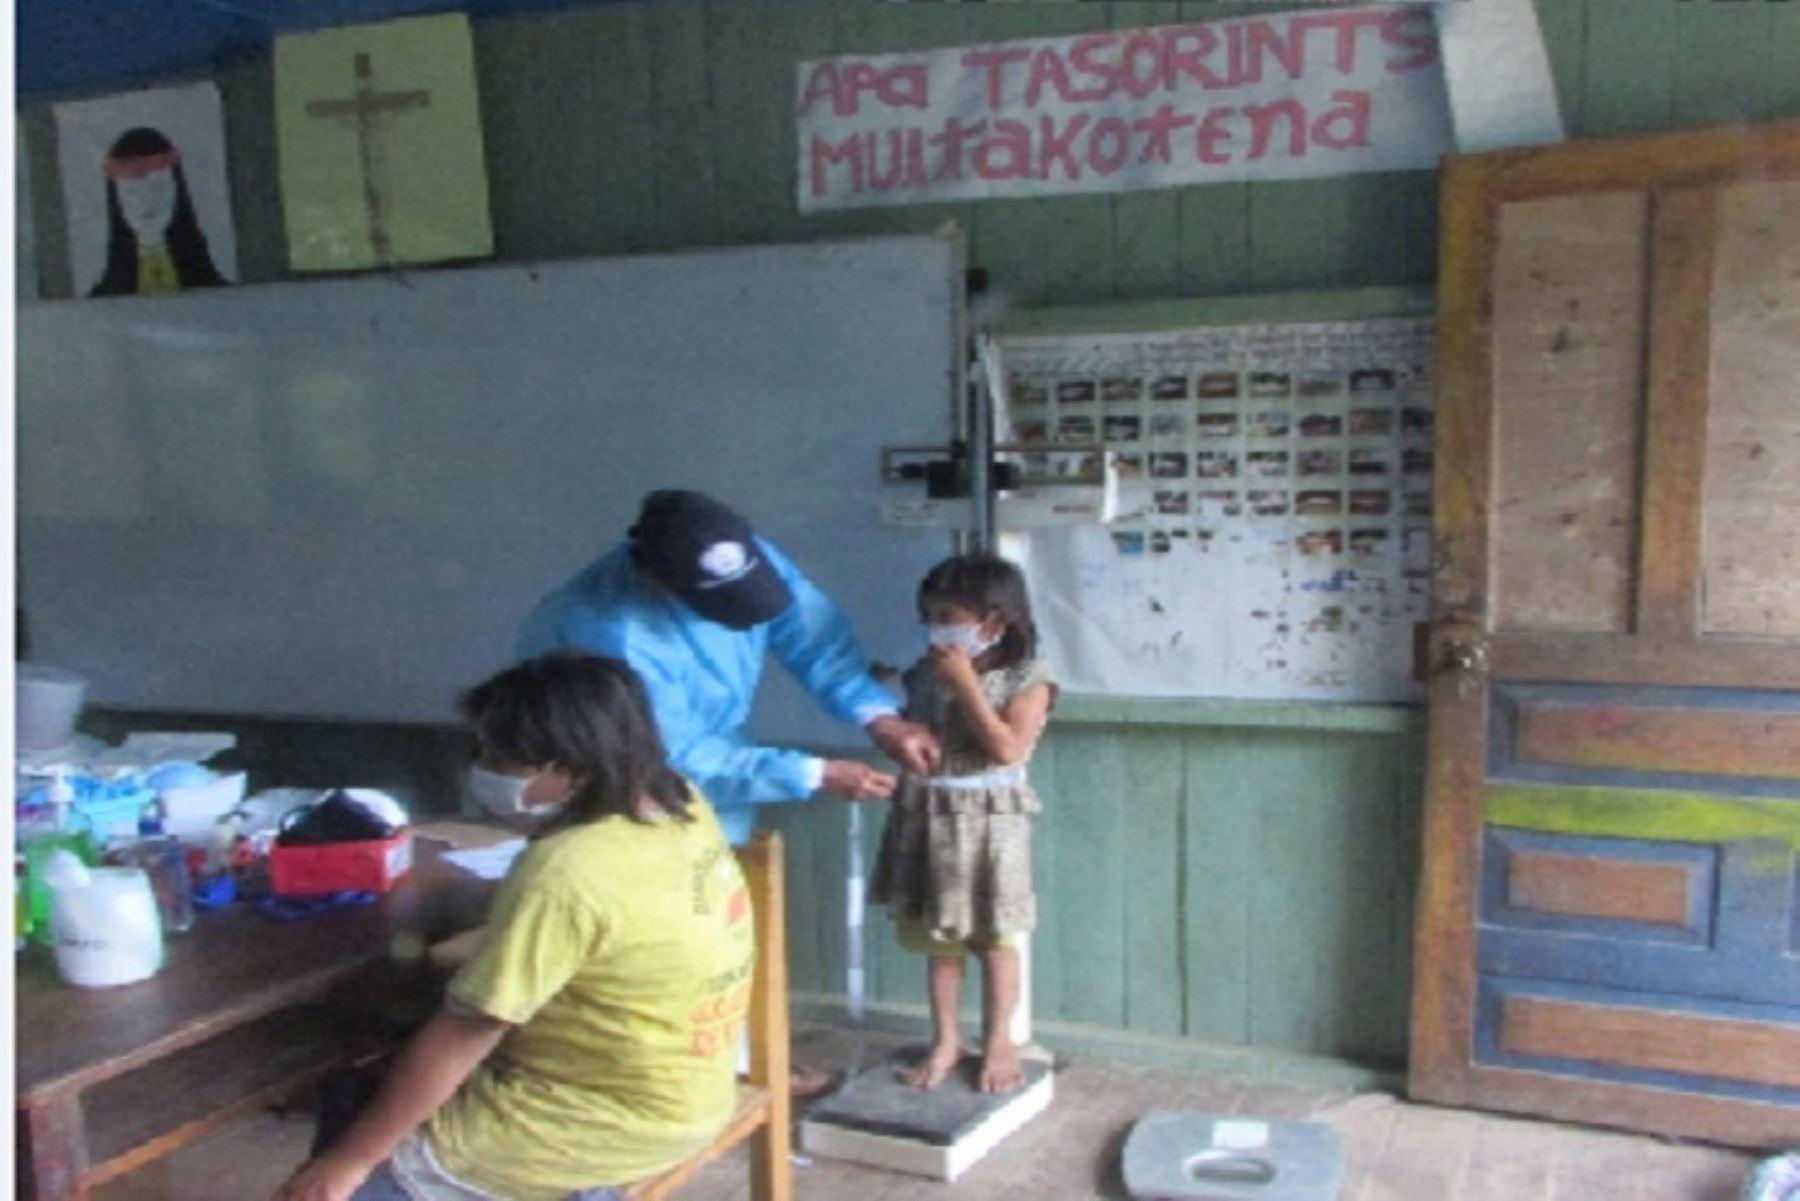 La campaña incluye la inmunización de la población contra la influencia y difteria, control de niños sanos y el tamizaje de covid-19 con prueba serológica. Asimismo, la actividad se complementa con acciones de capacitaciones y sensibilizaciones de prevención y promoción de la salud frente al covid-19